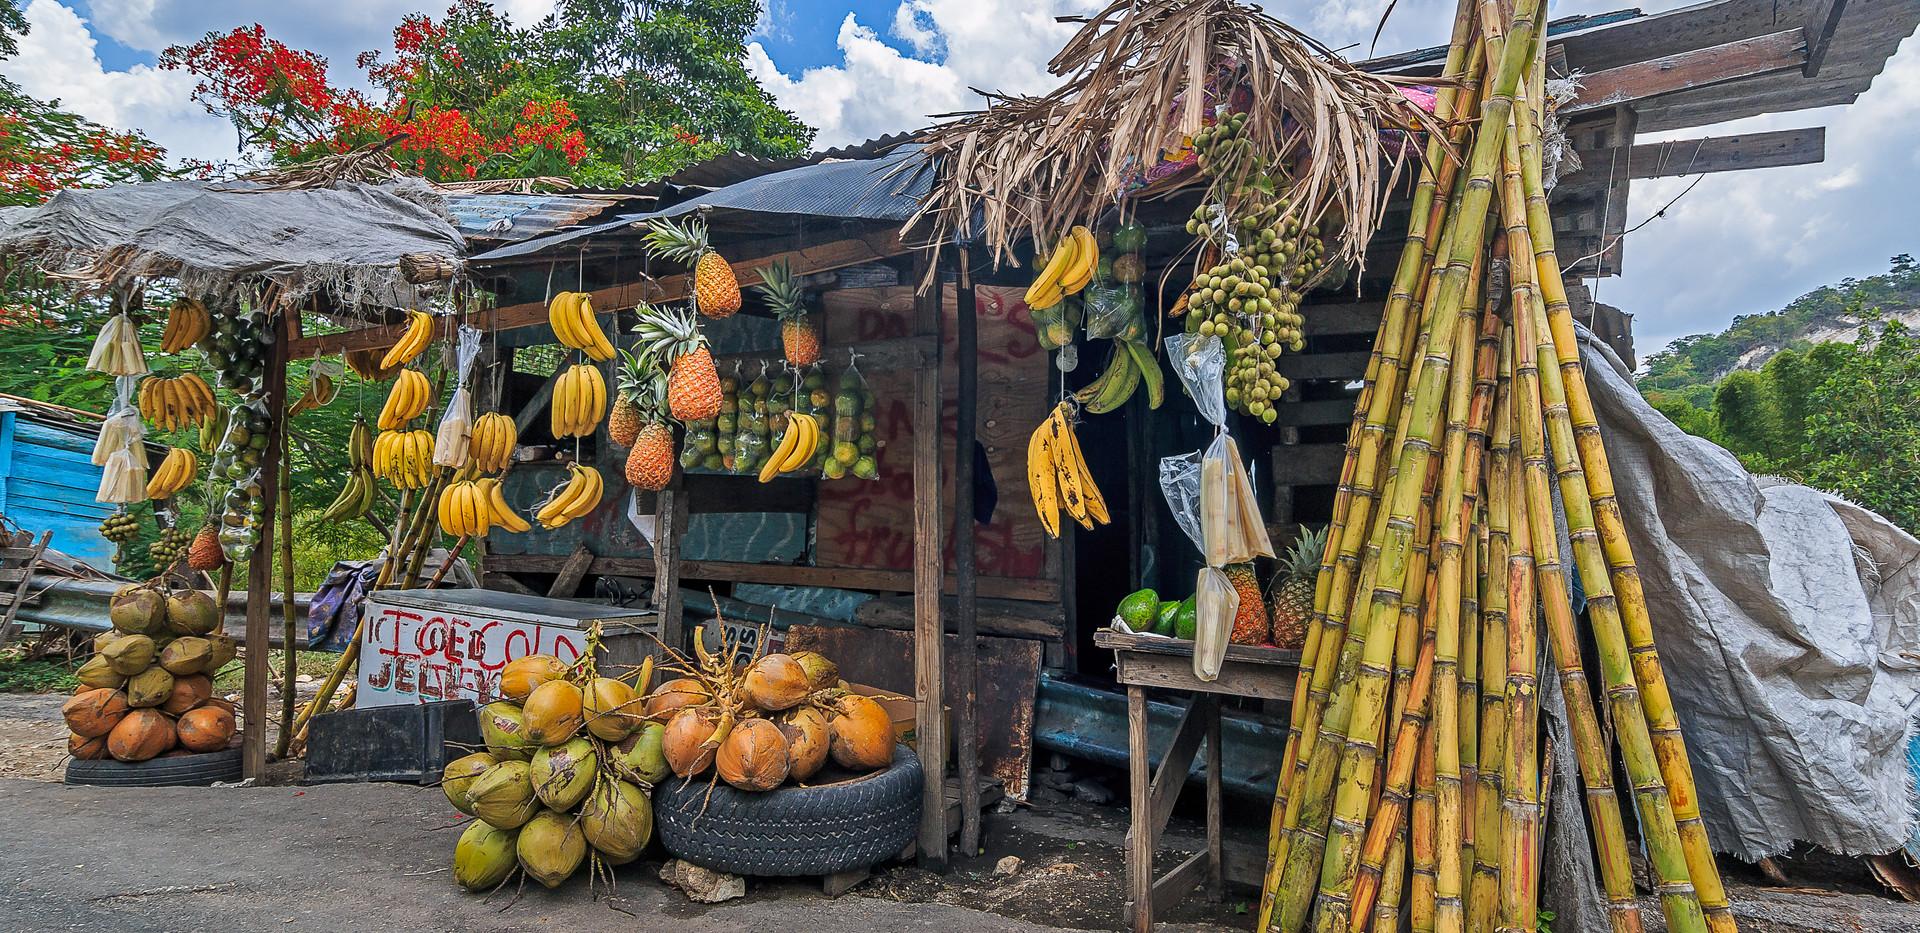 Jamaican Market Stand.jpg